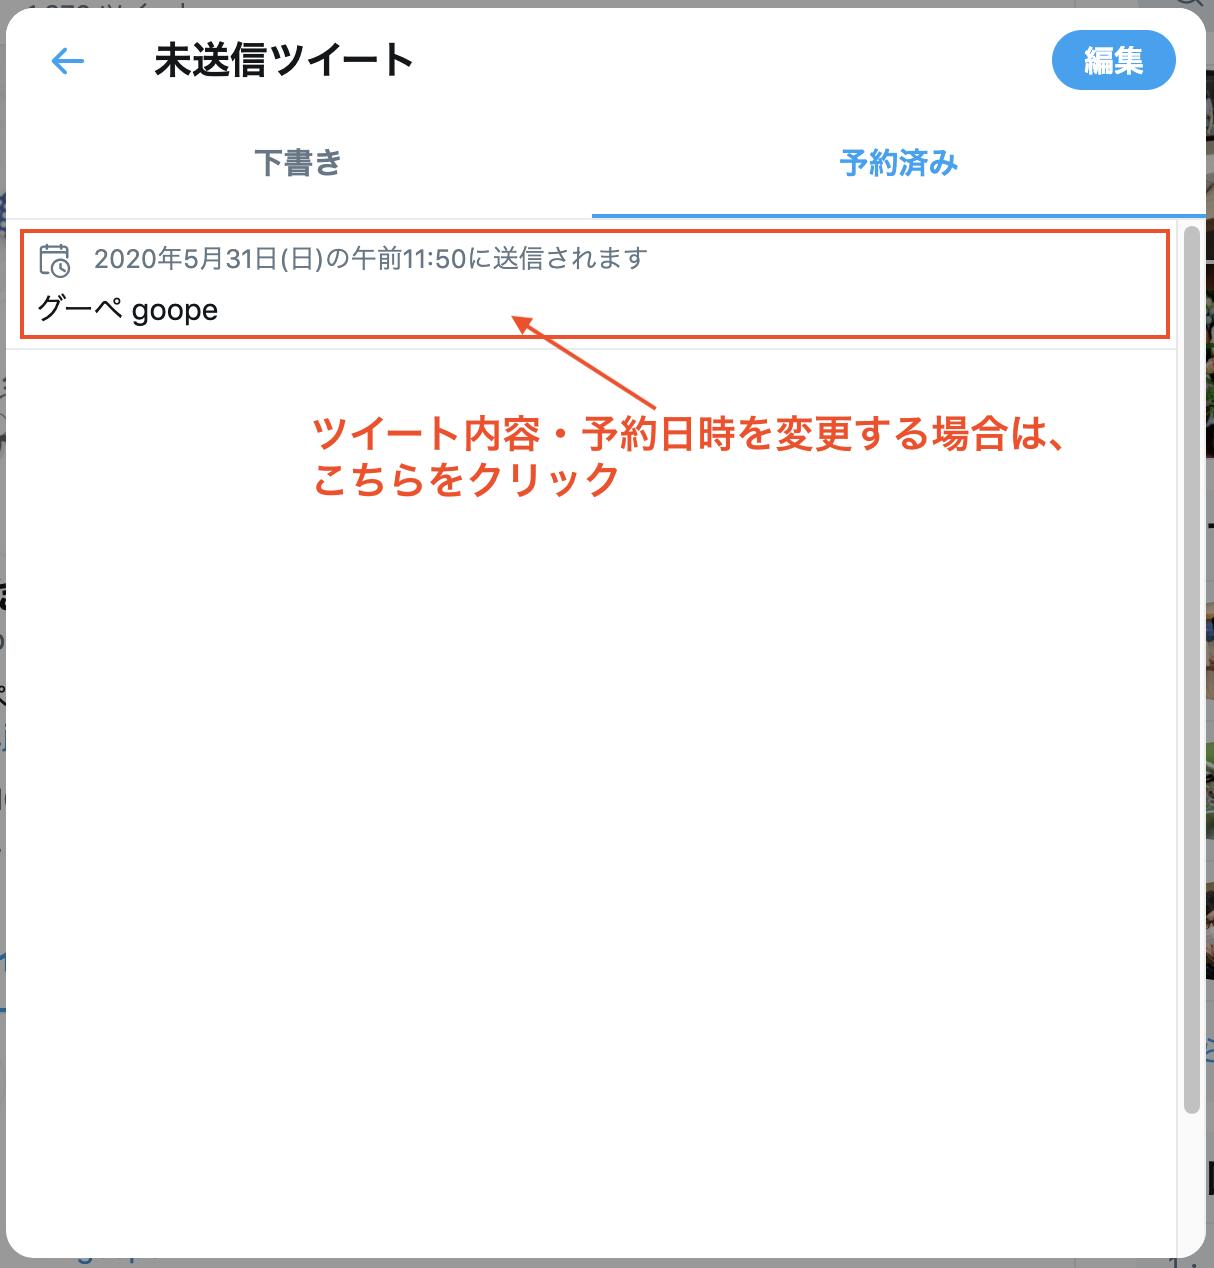 グーペ公式Twitterでの下書き編集画面へ